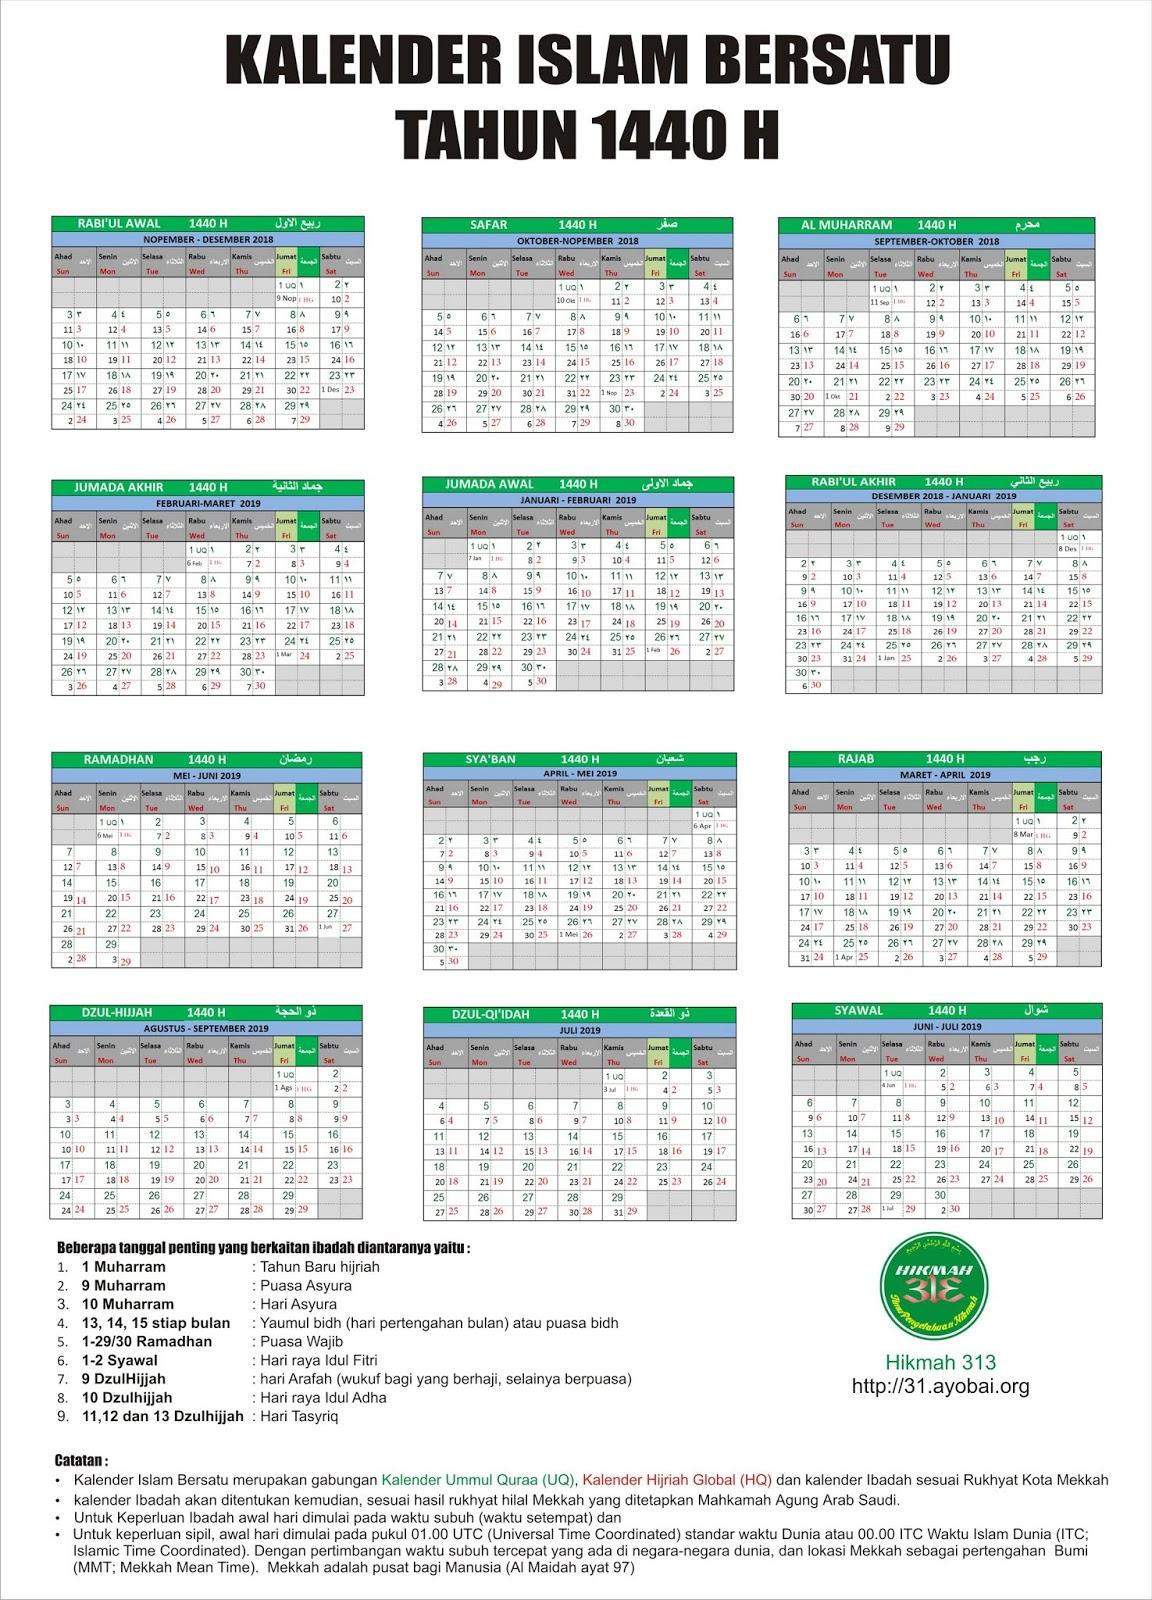 Kalender Islam Bersatu 1440 Hijriah Dan Bulan Muharram Hikmah 313